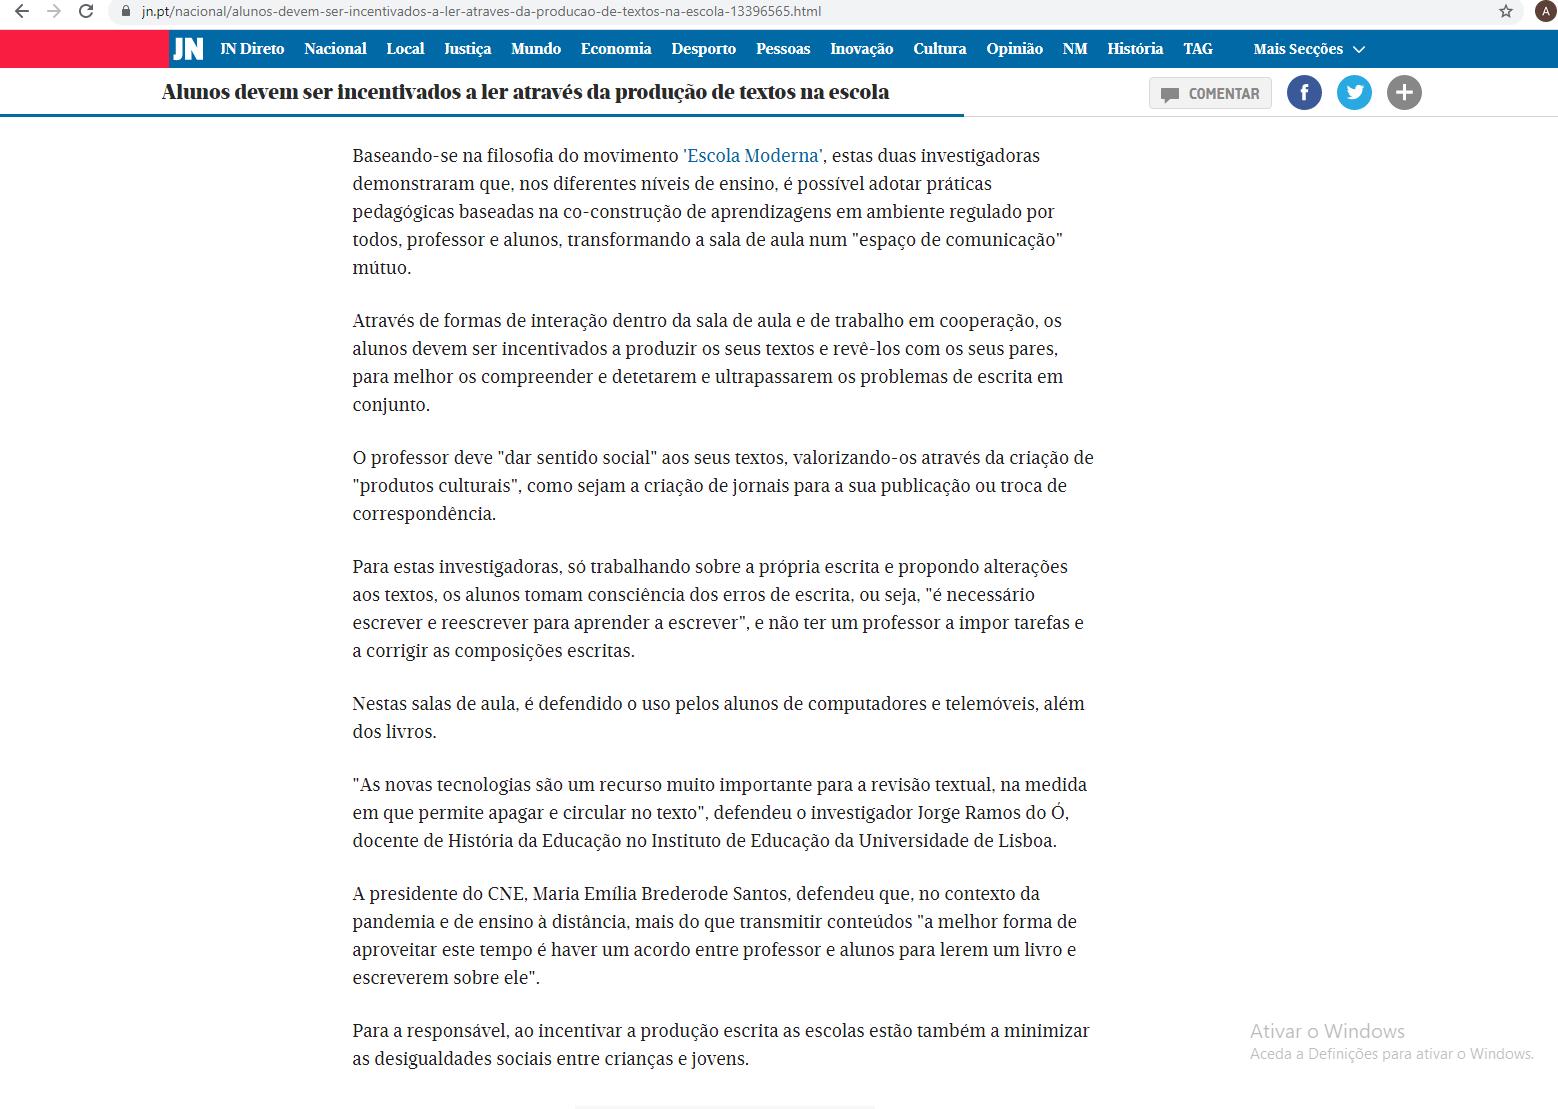 noticia3